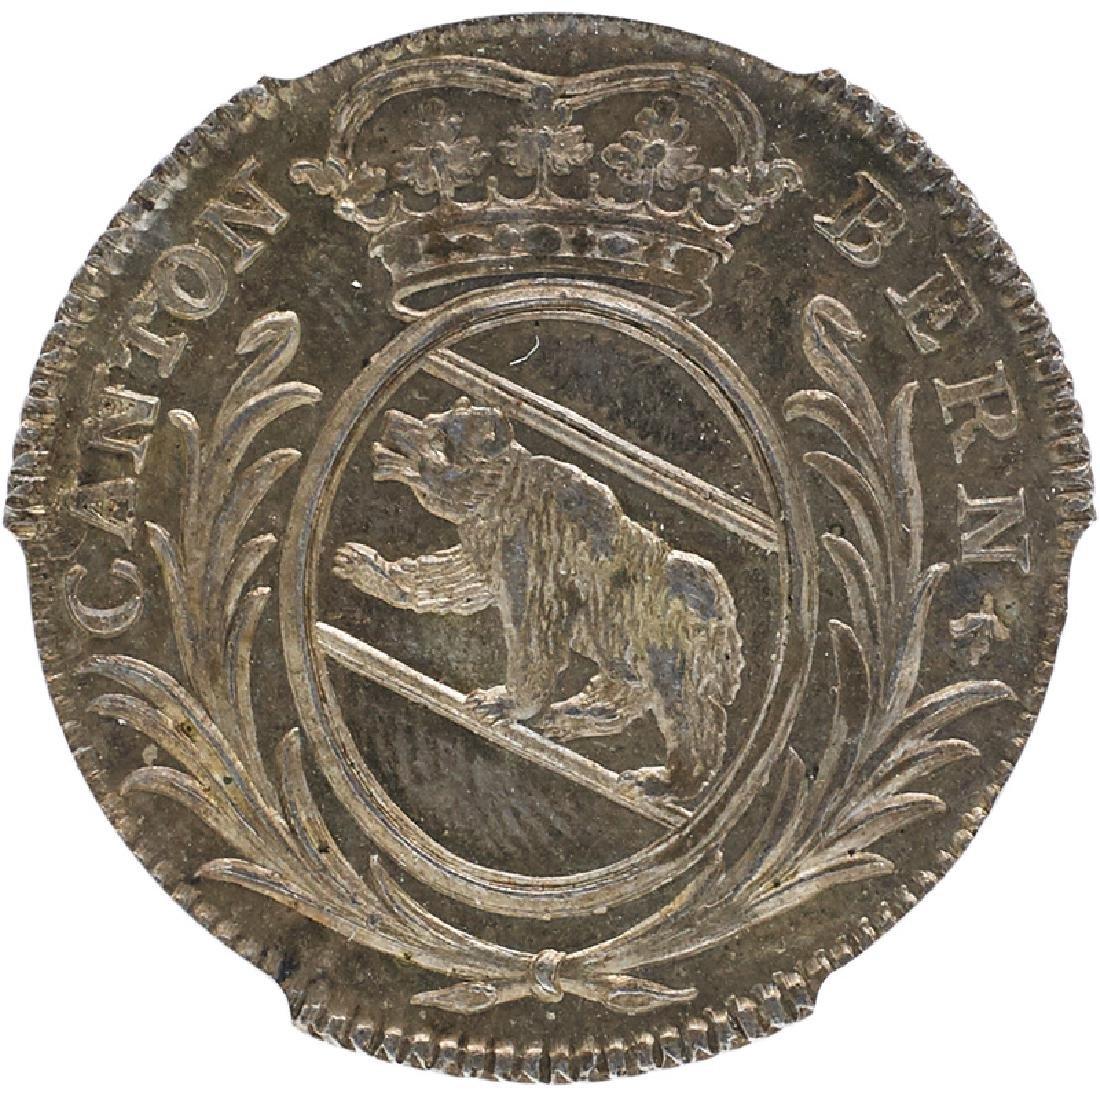 1808 SWITZERLAND BERN 5 BATZ COIN